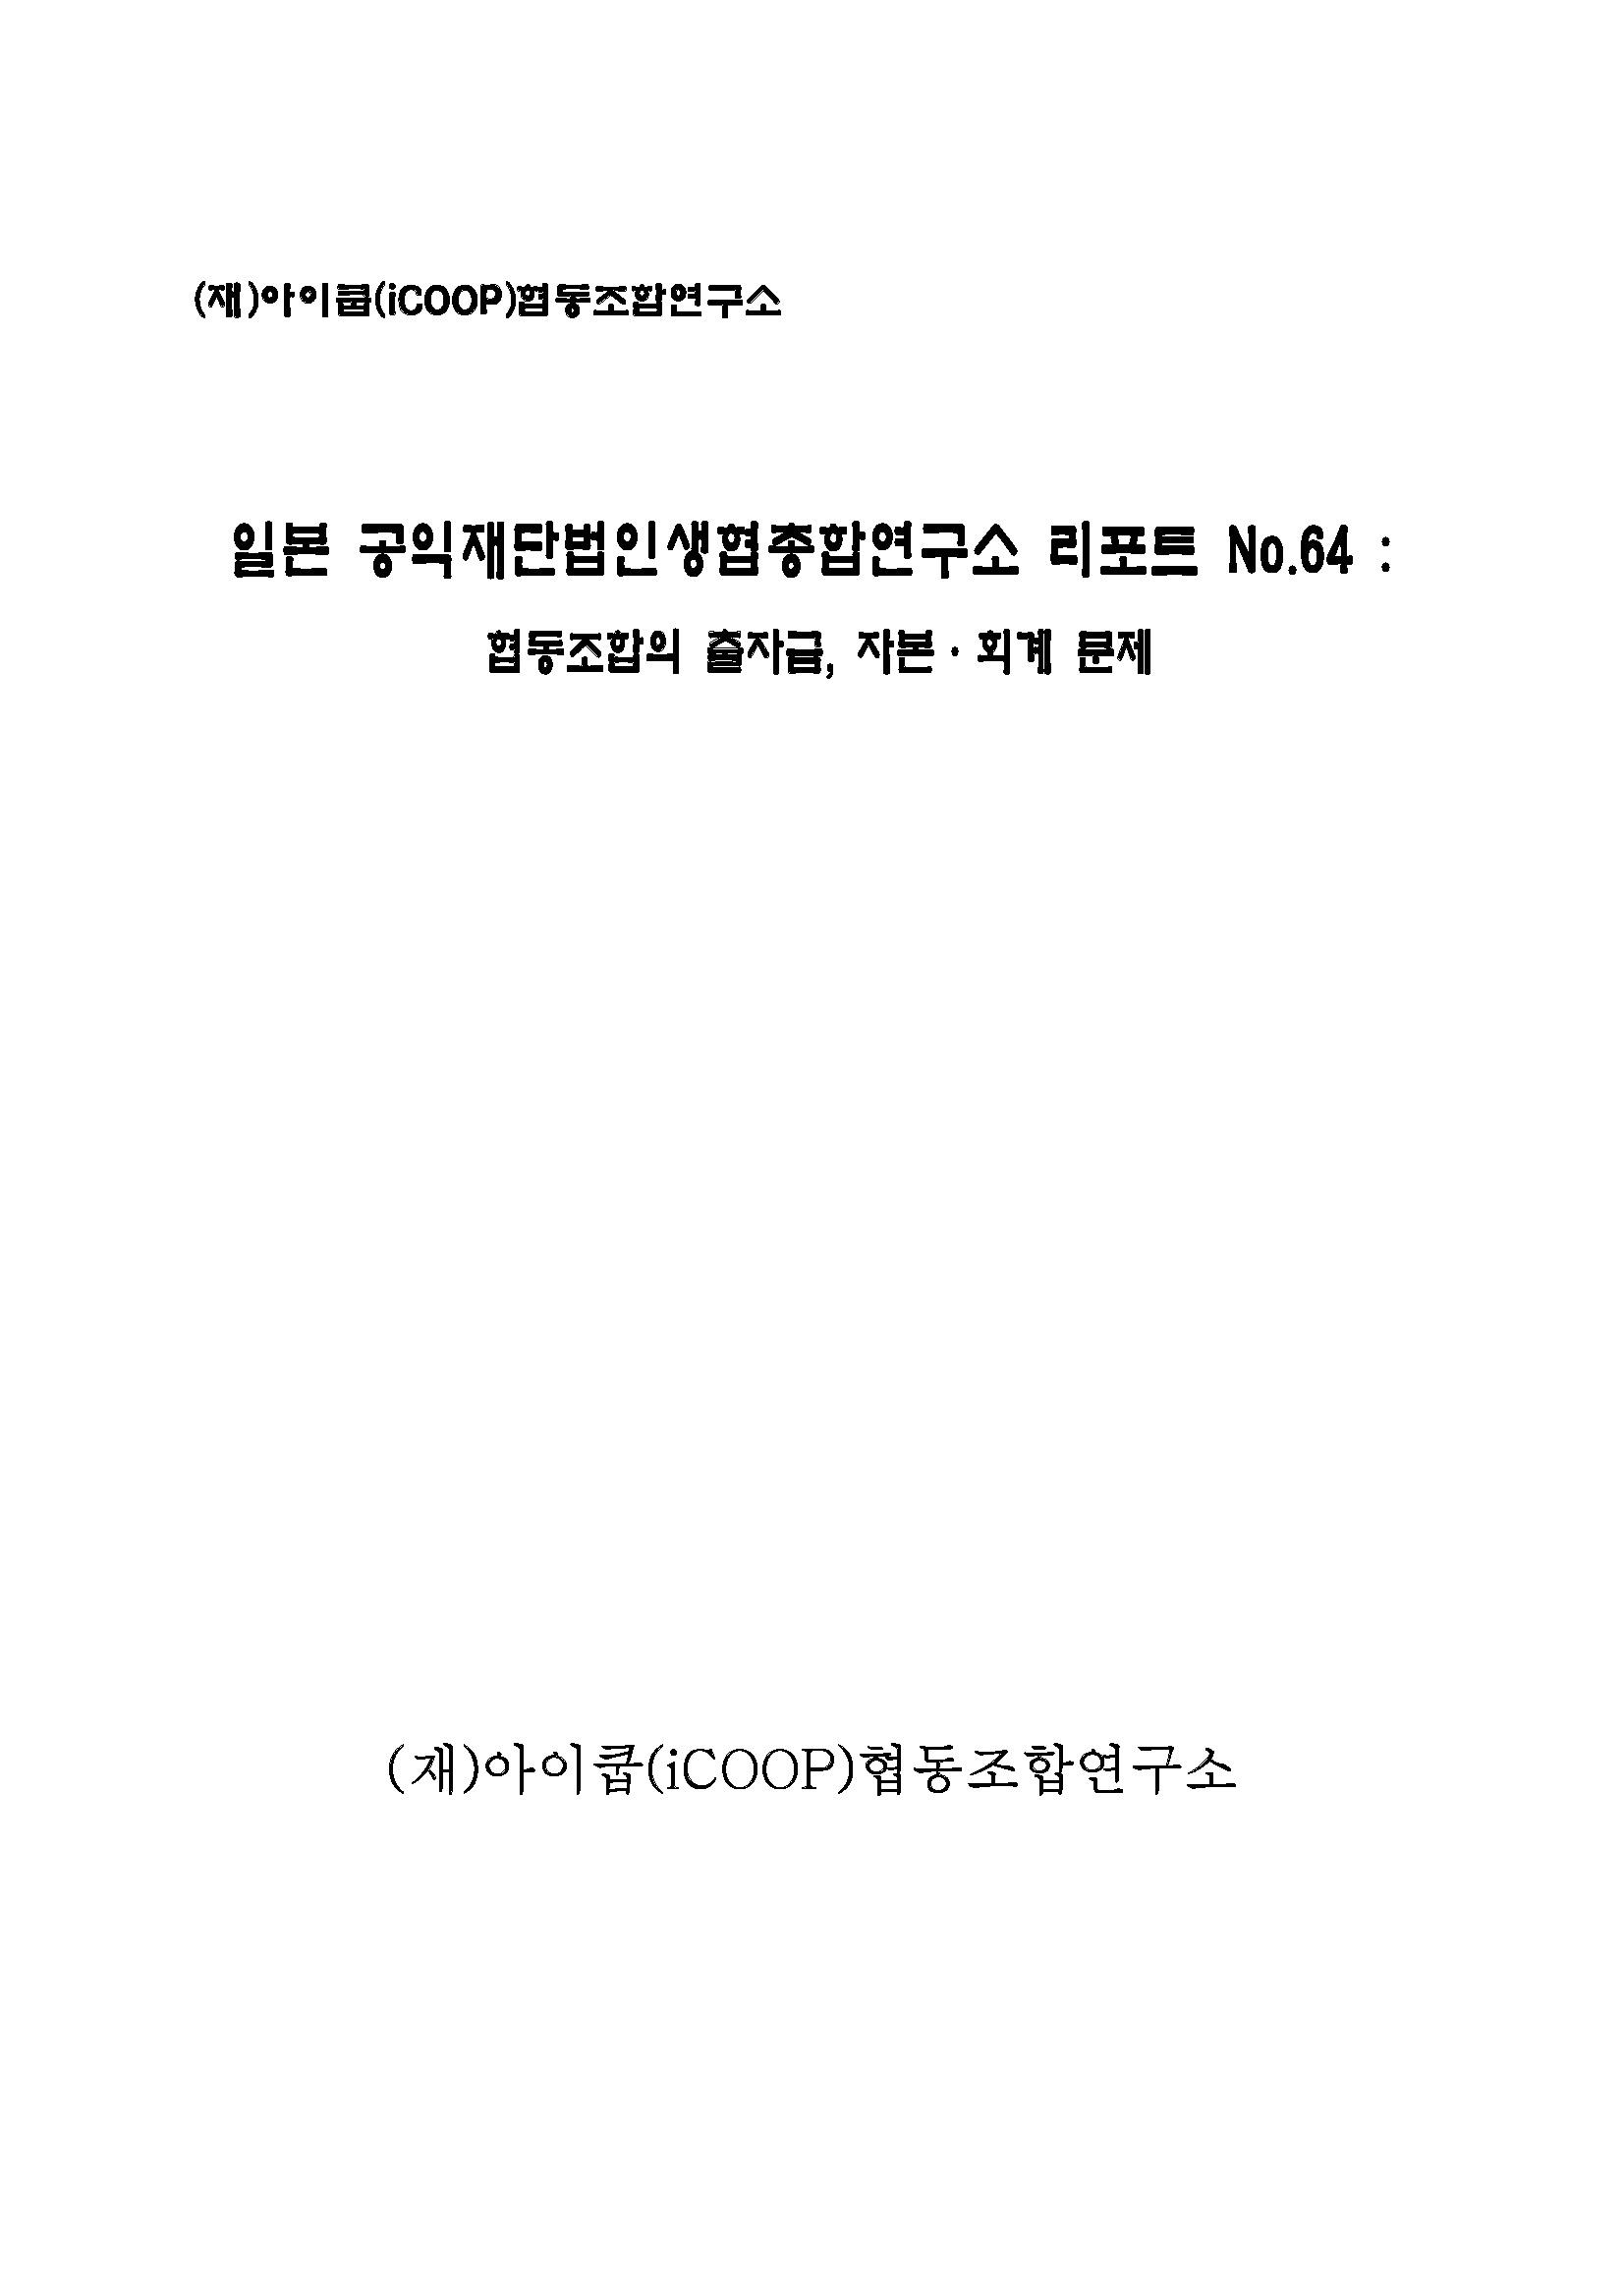 53_『협동조합의 출자금, 자본 회계 문제』(일본공익재단법인생협총합연구소 엮음)_Page_001.jpg